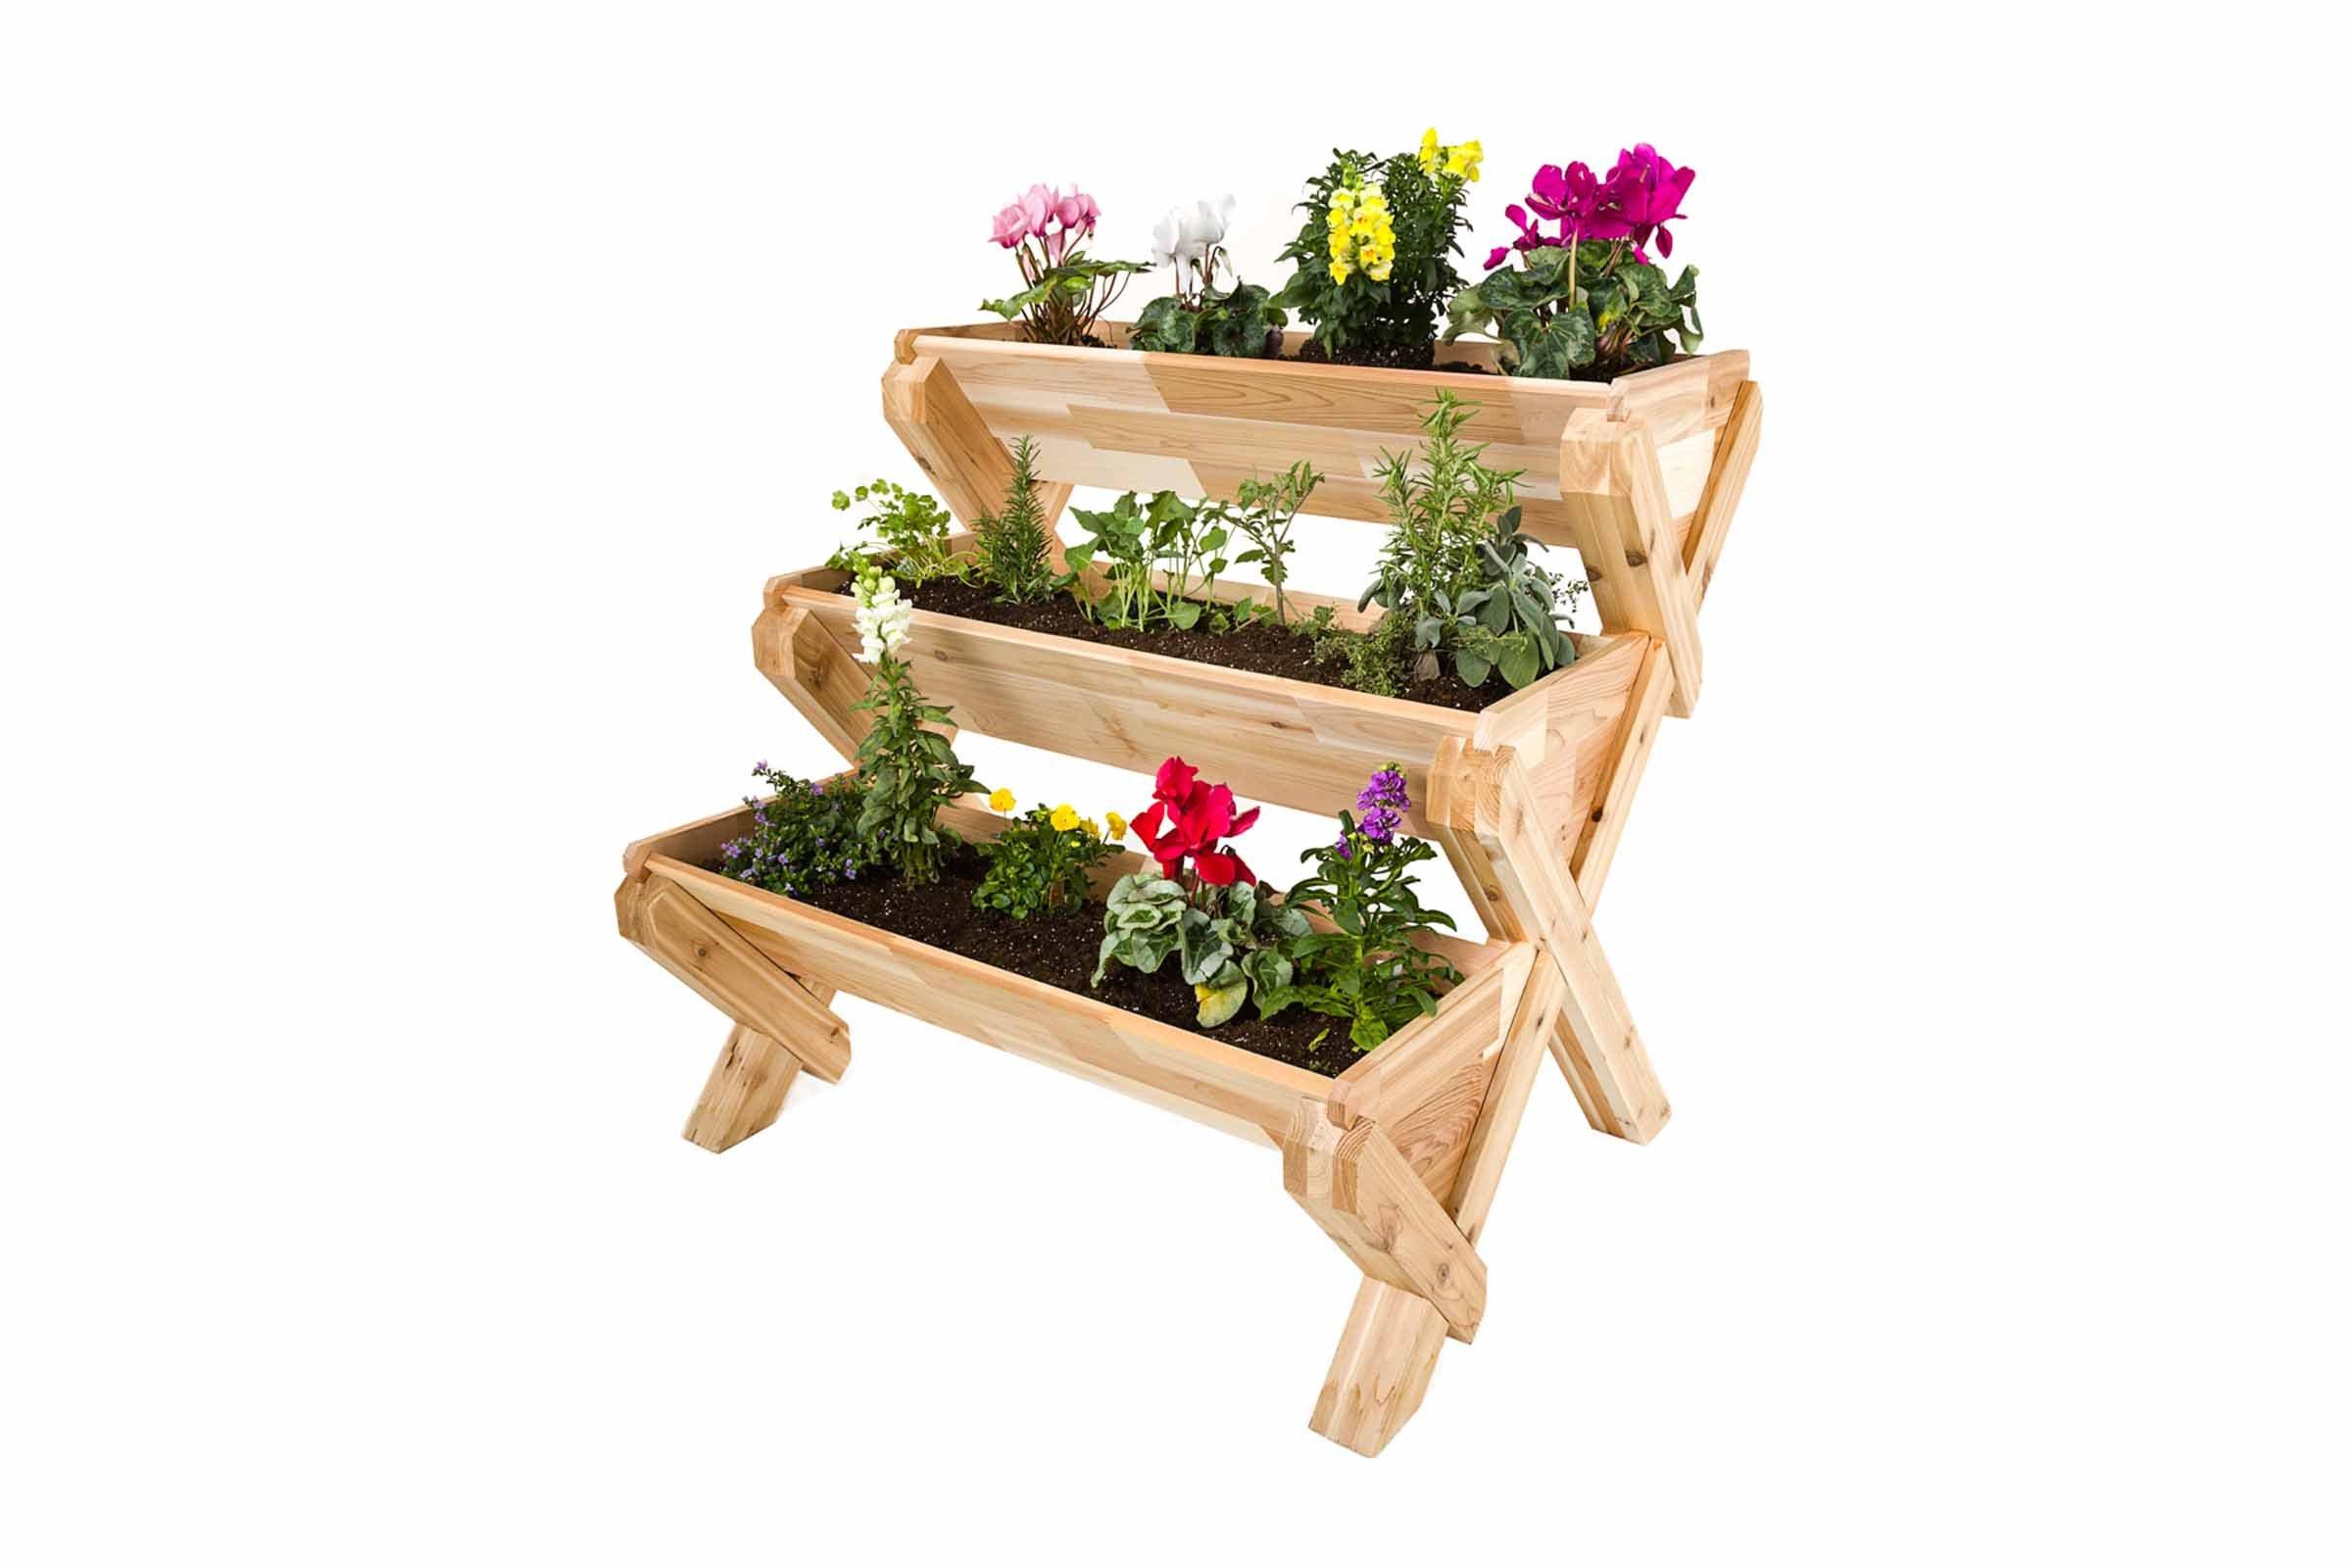 CedarCraft Cascading Garden Planter - 3 Tier